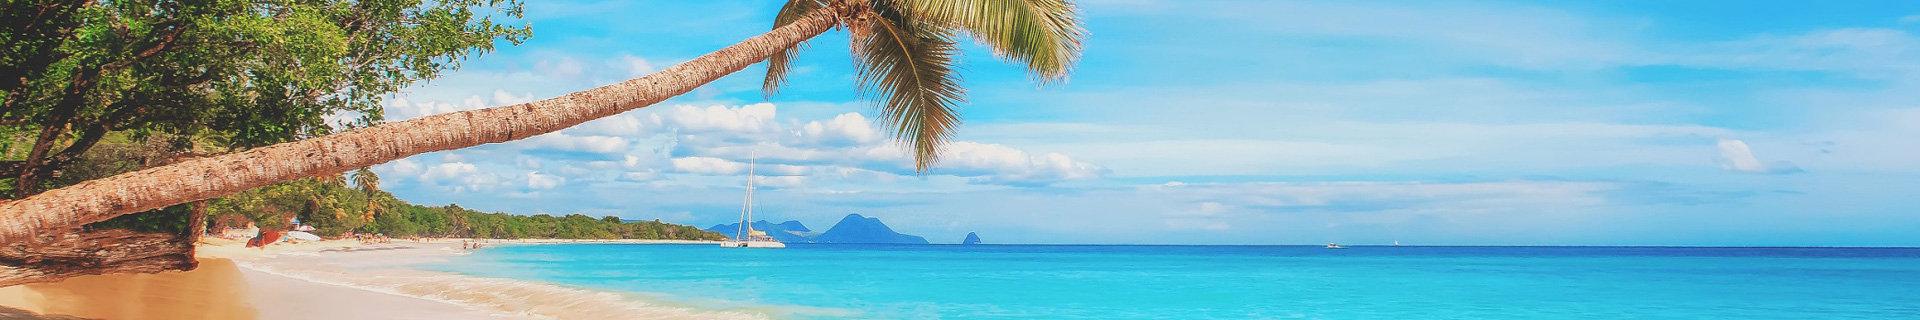 Karibia.jpg